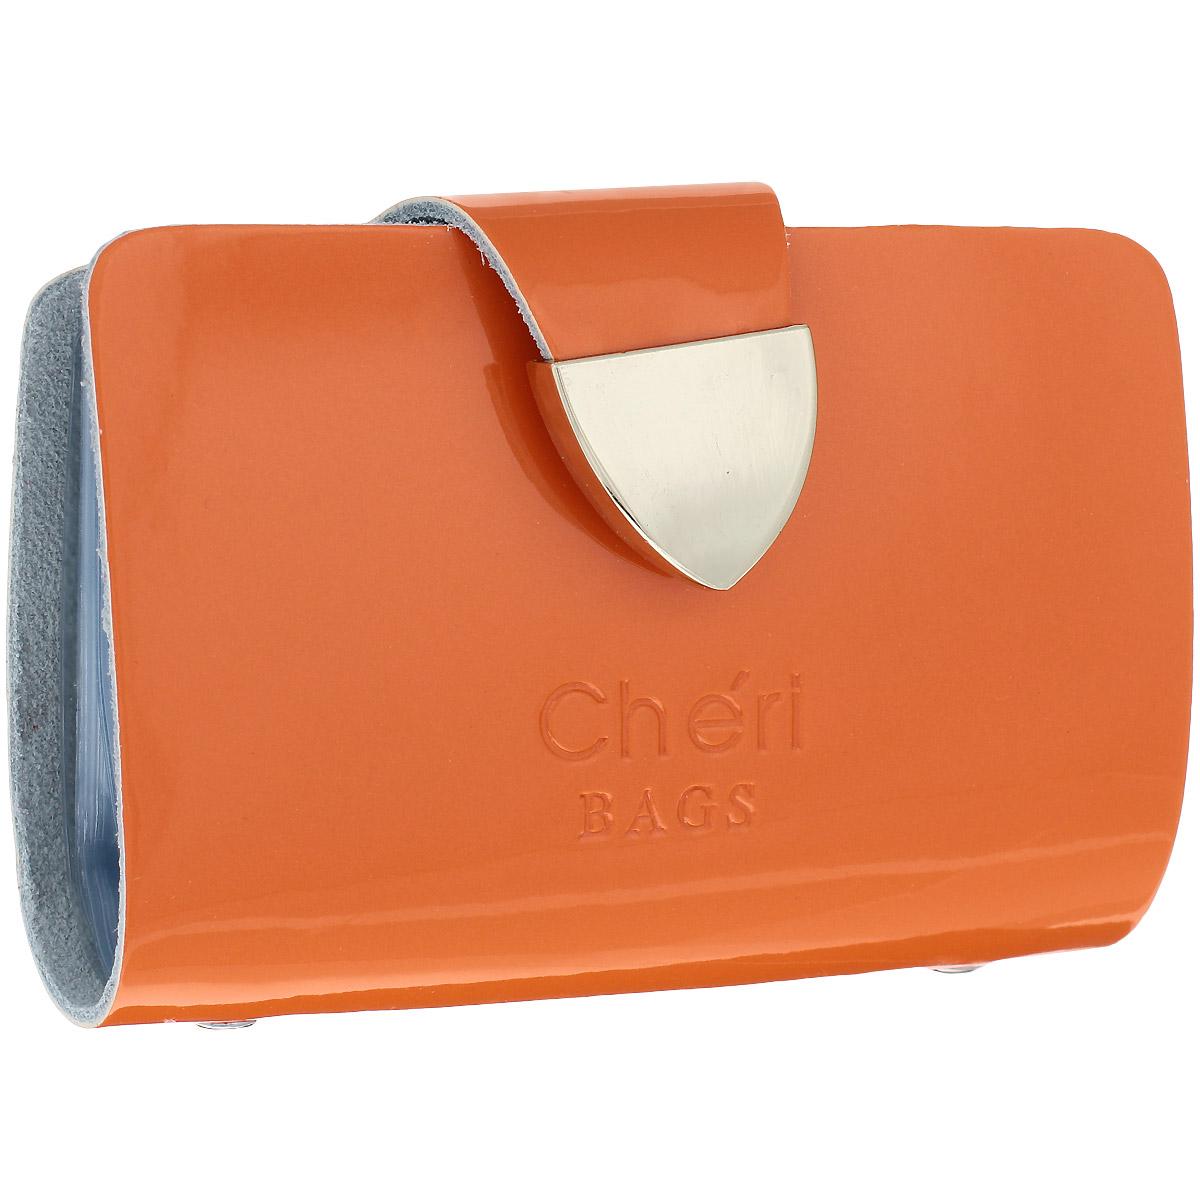 Визитница Cheribags, цвет: оранжевый. V-0482-22V-0482-22Изысканная визитница Cheribags изготовлена из натуральной лаковой кожи и декорирована тисненым названием бренда спереди. Изделие закрывается хлястиком, оформленным металлической пластиной, на кнопку. Внутри - блок из прозрачного мягкого пластика на 26 визиток, который крепится к корпусу визитницы на металлические заклепки. Стильная визитница - это не только практичная вещь для хранения пластиковых карт, но и модный аксессуар, который подчеркнет ваш неповторимый стиль.